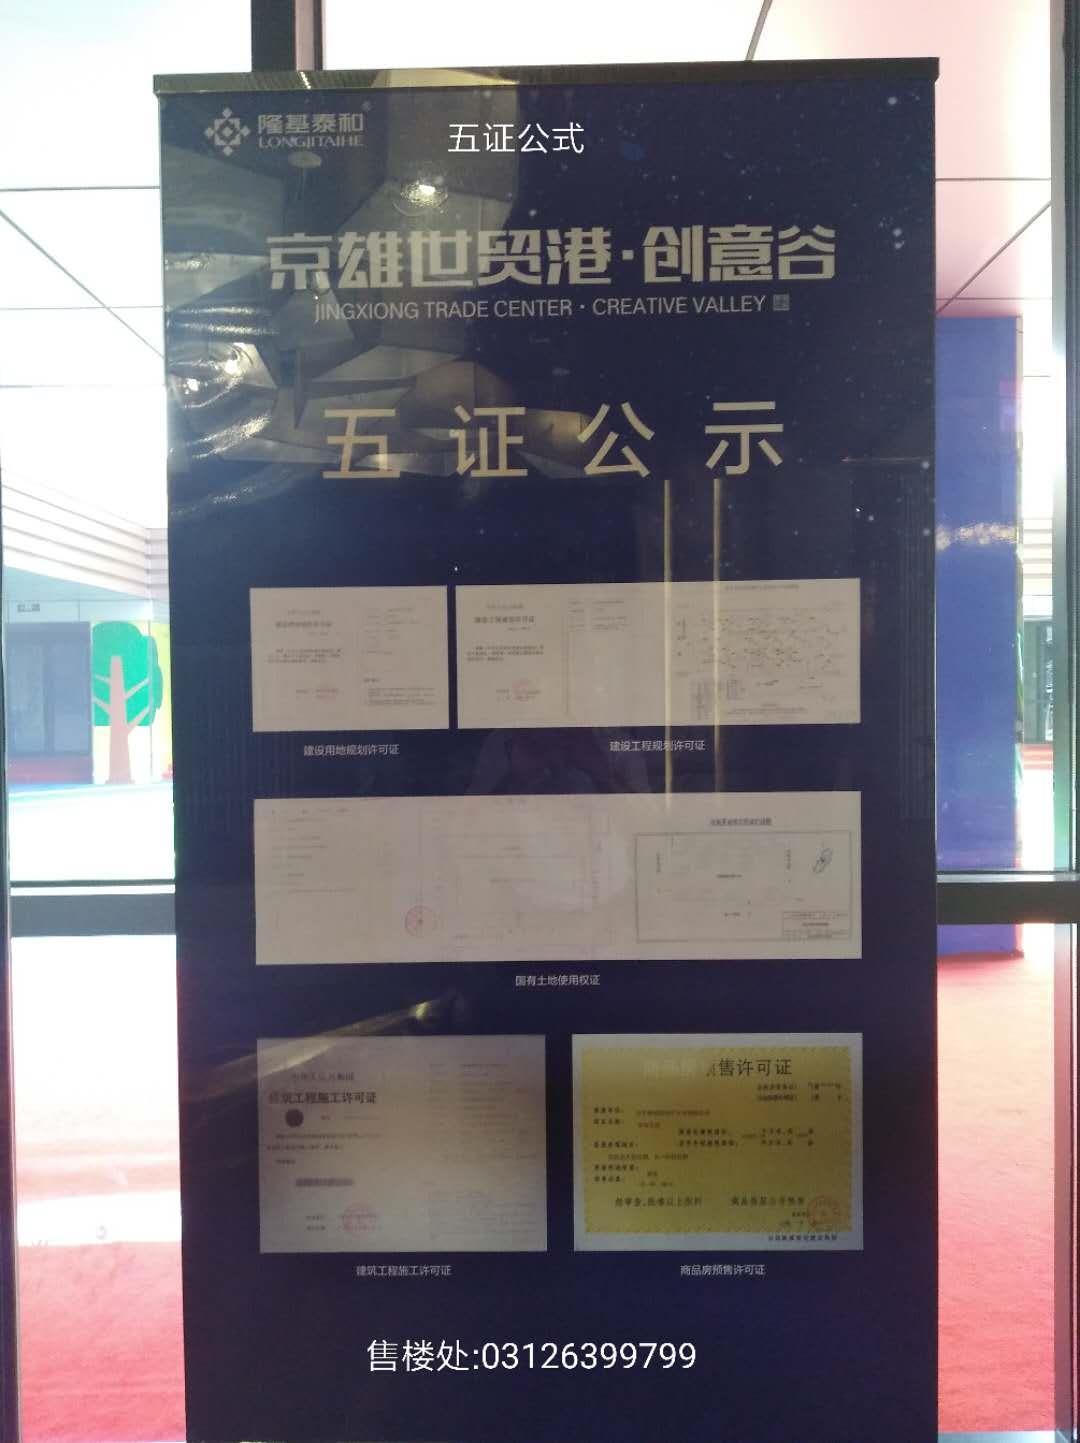 悦享谷白沟京雄世贸港售楼